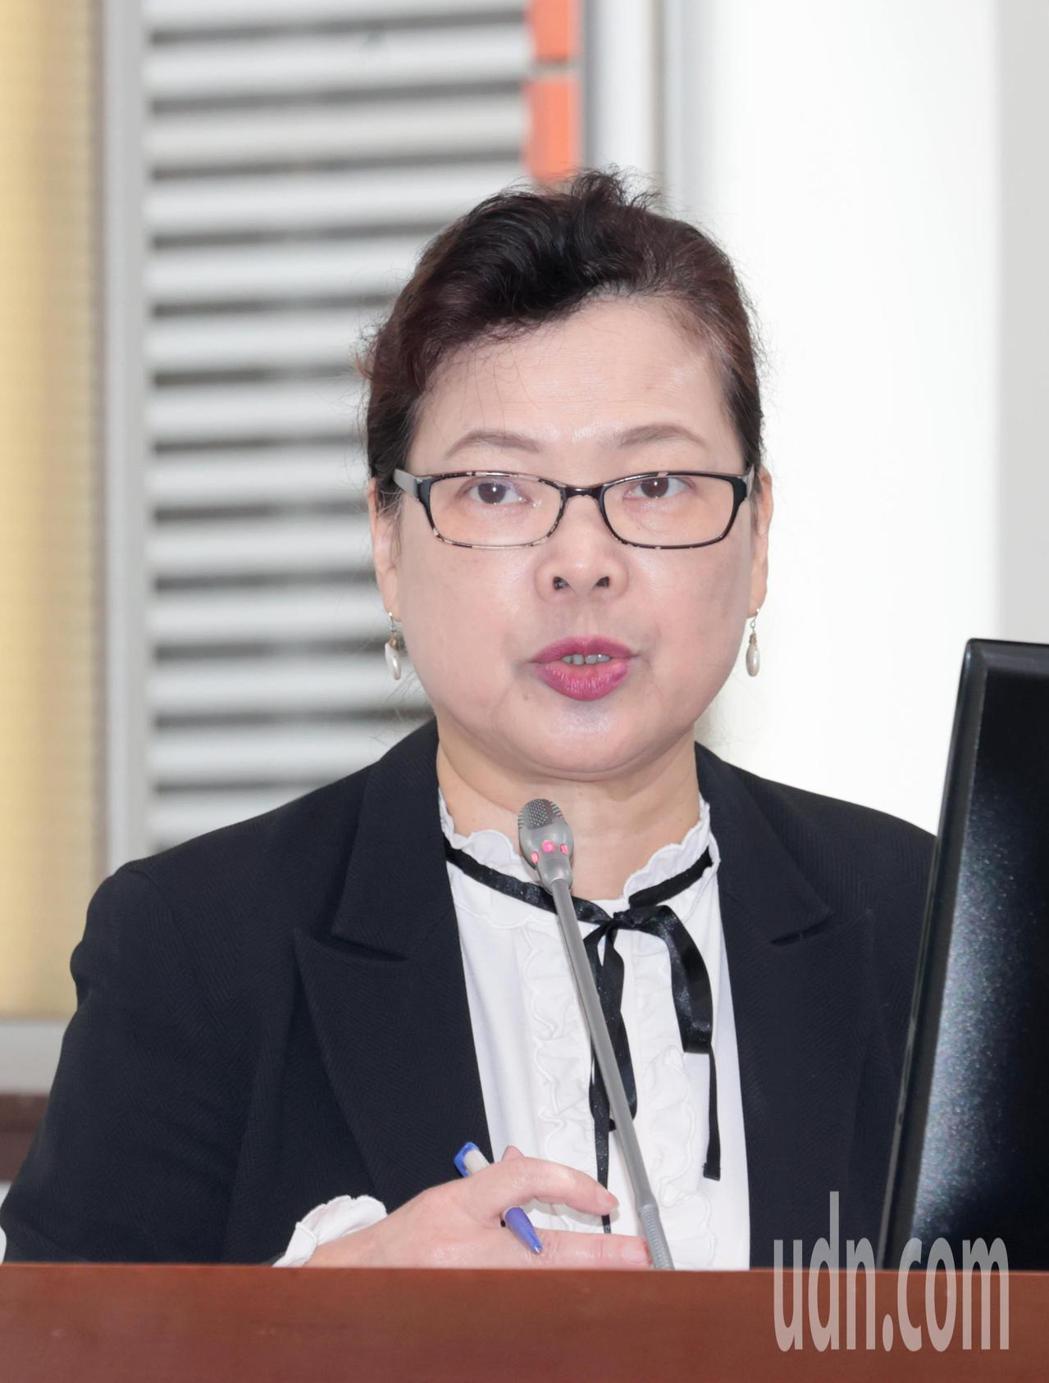 經濟部長王美花表示台積電曾提過,先進的製程仍會以台灣為主要基地。記者蘇健忠/攝影